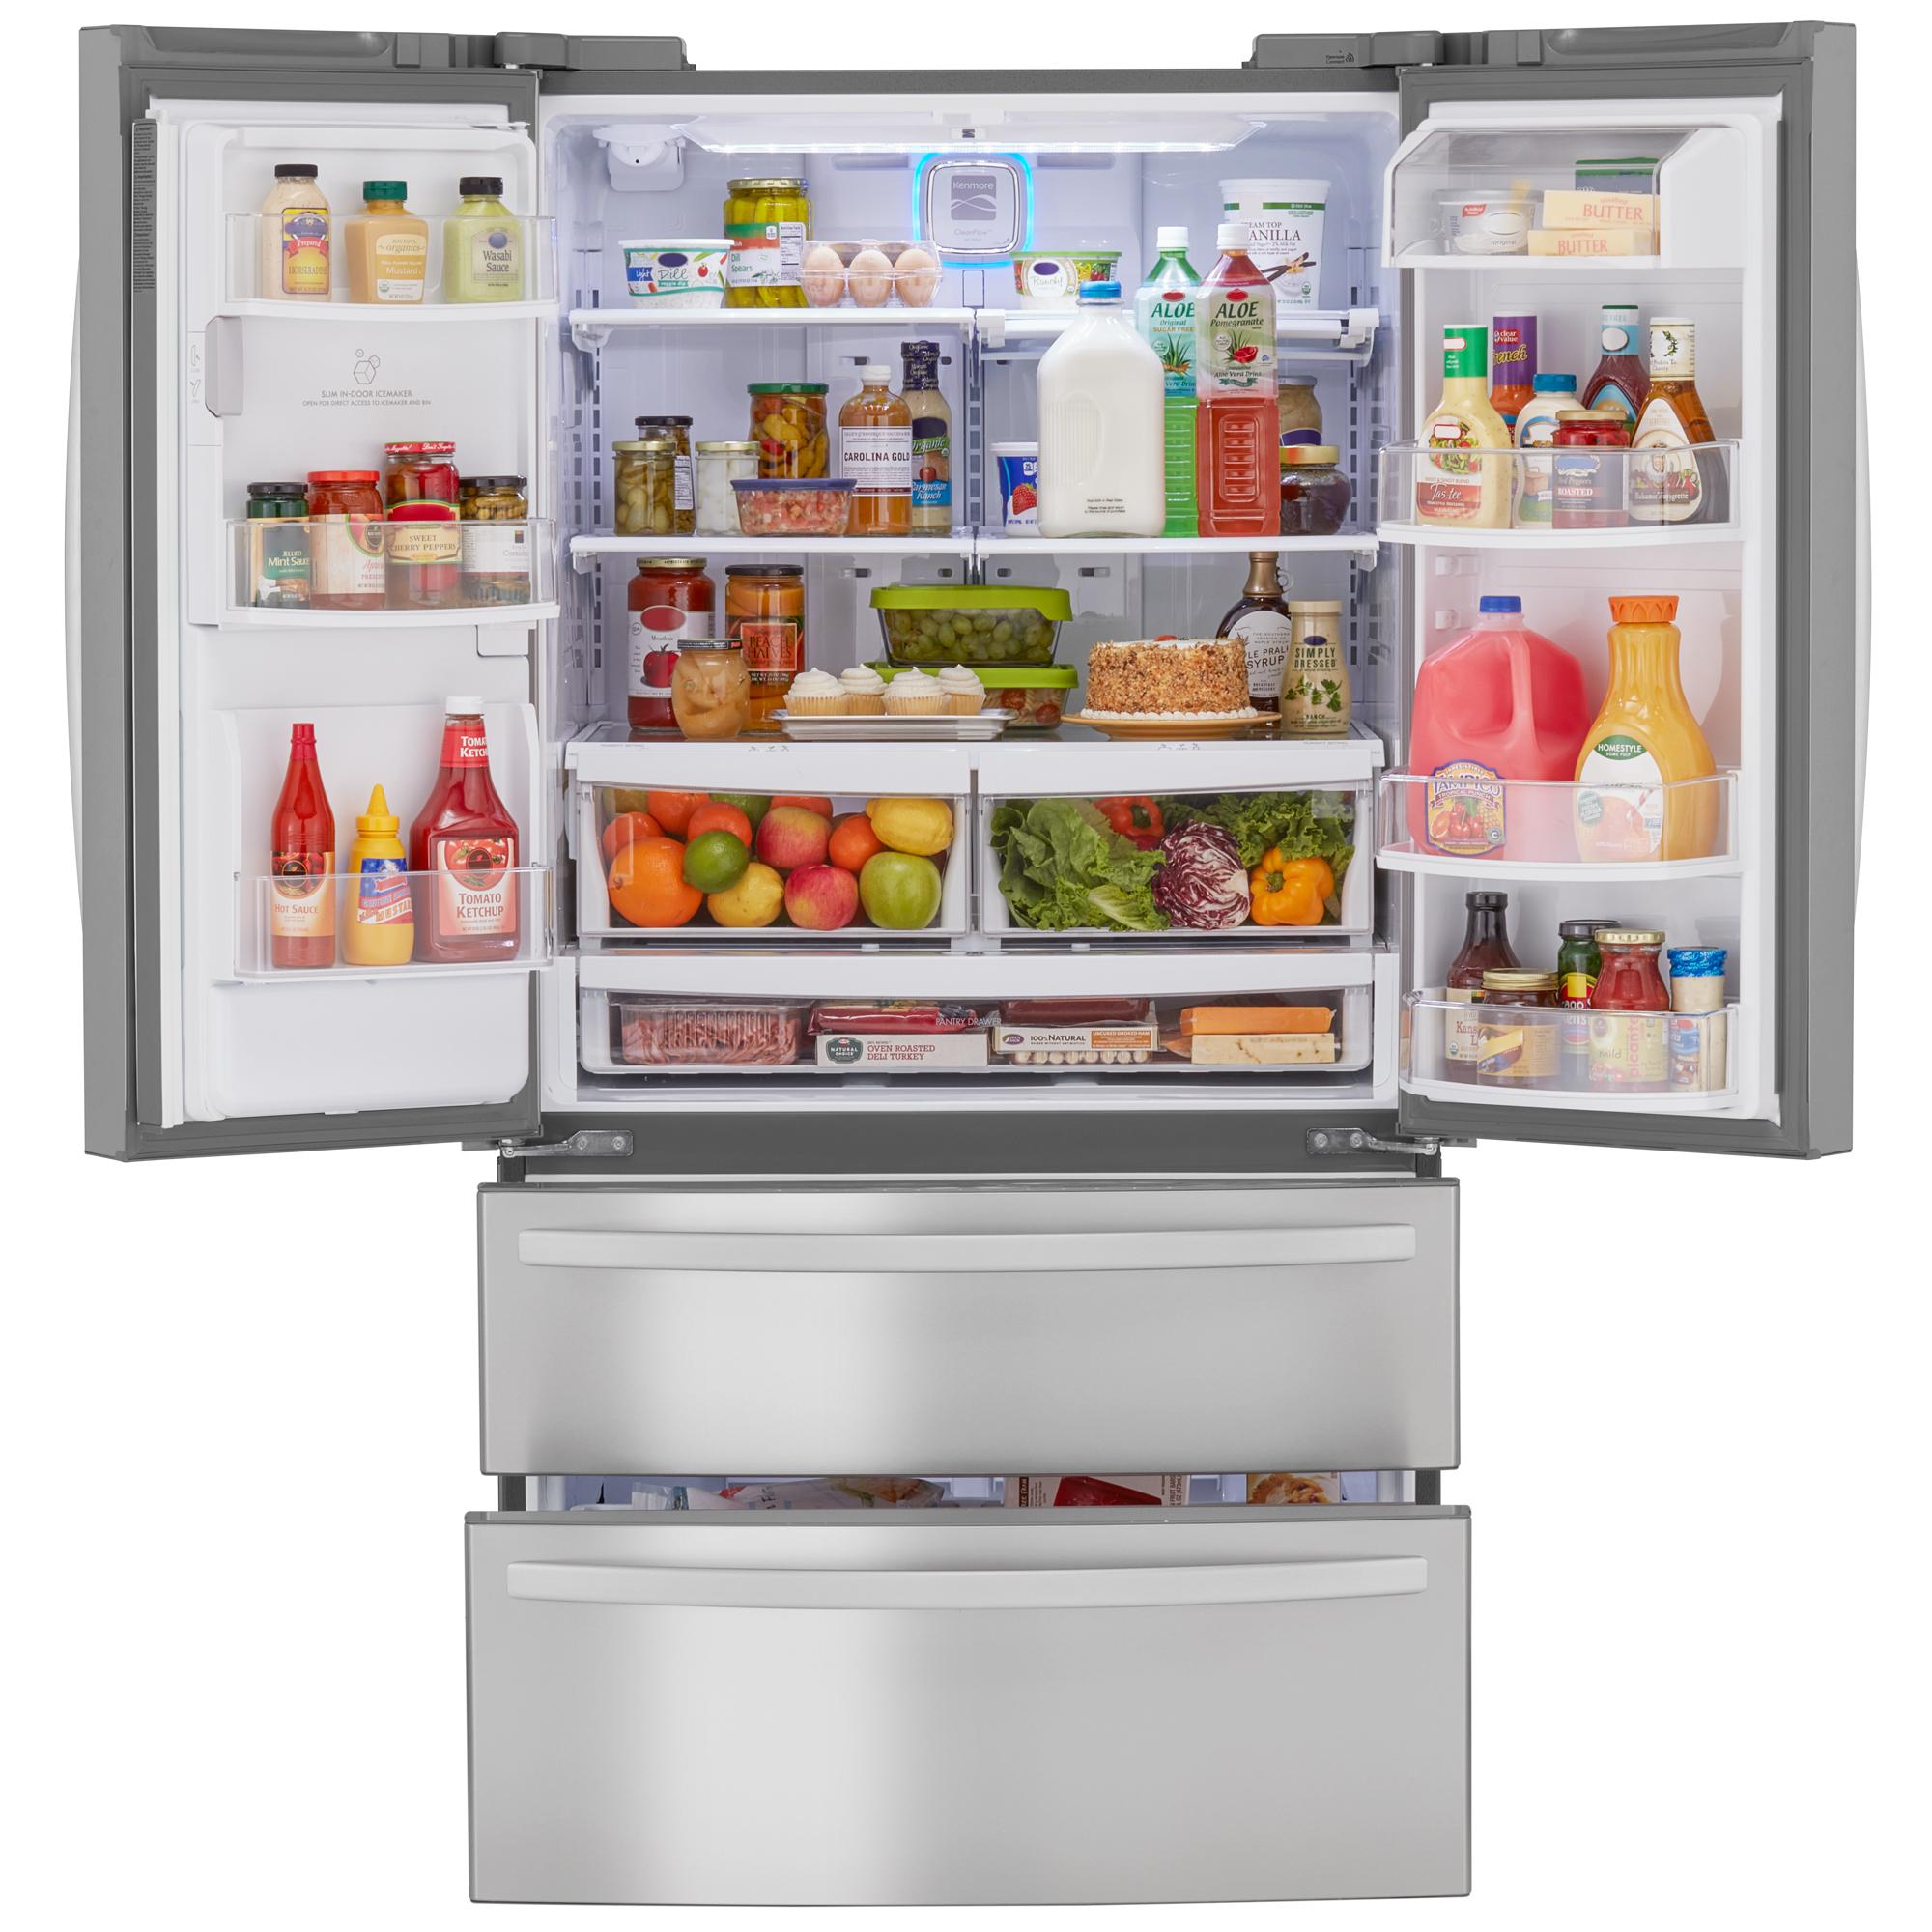 Kenmore 72493 26.7 cu. ft. 4-Door French Door Refrigerator w/Dual Freezer Drawers – Stainless Steel